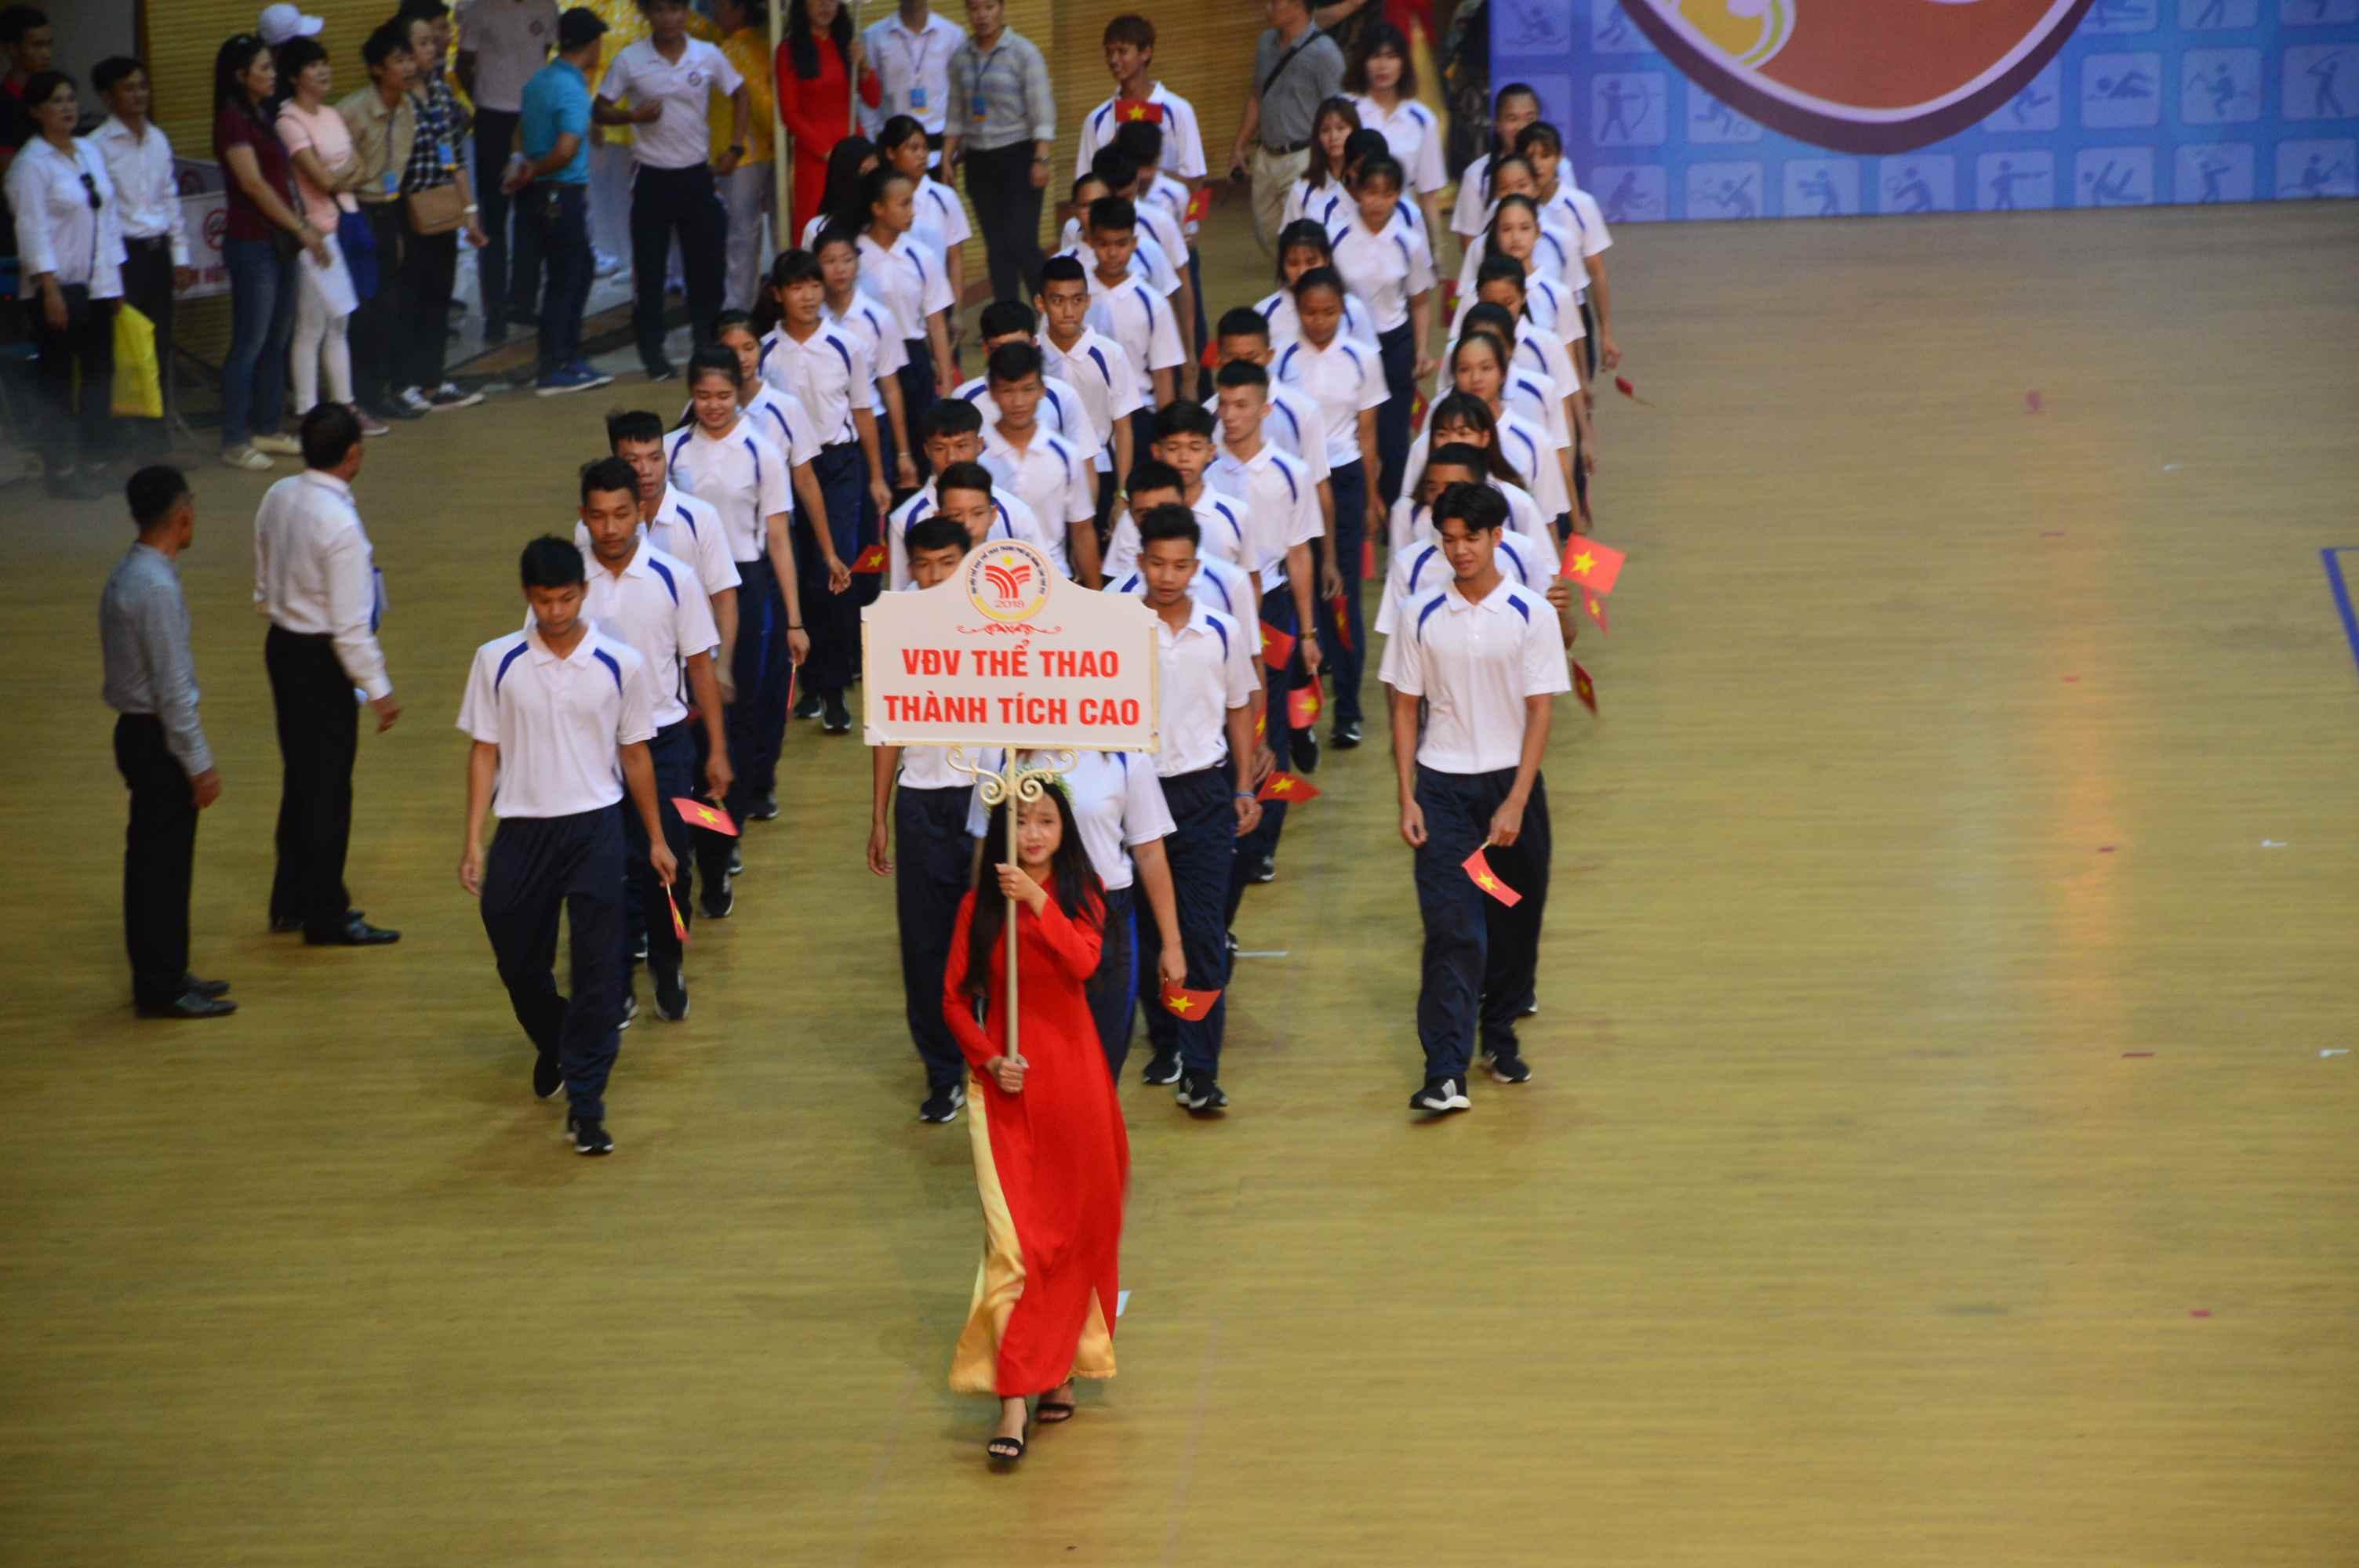 Các vận động viên thành tích cao của TP.Đà Nẵng diễu hành. Ảnh: Q.T